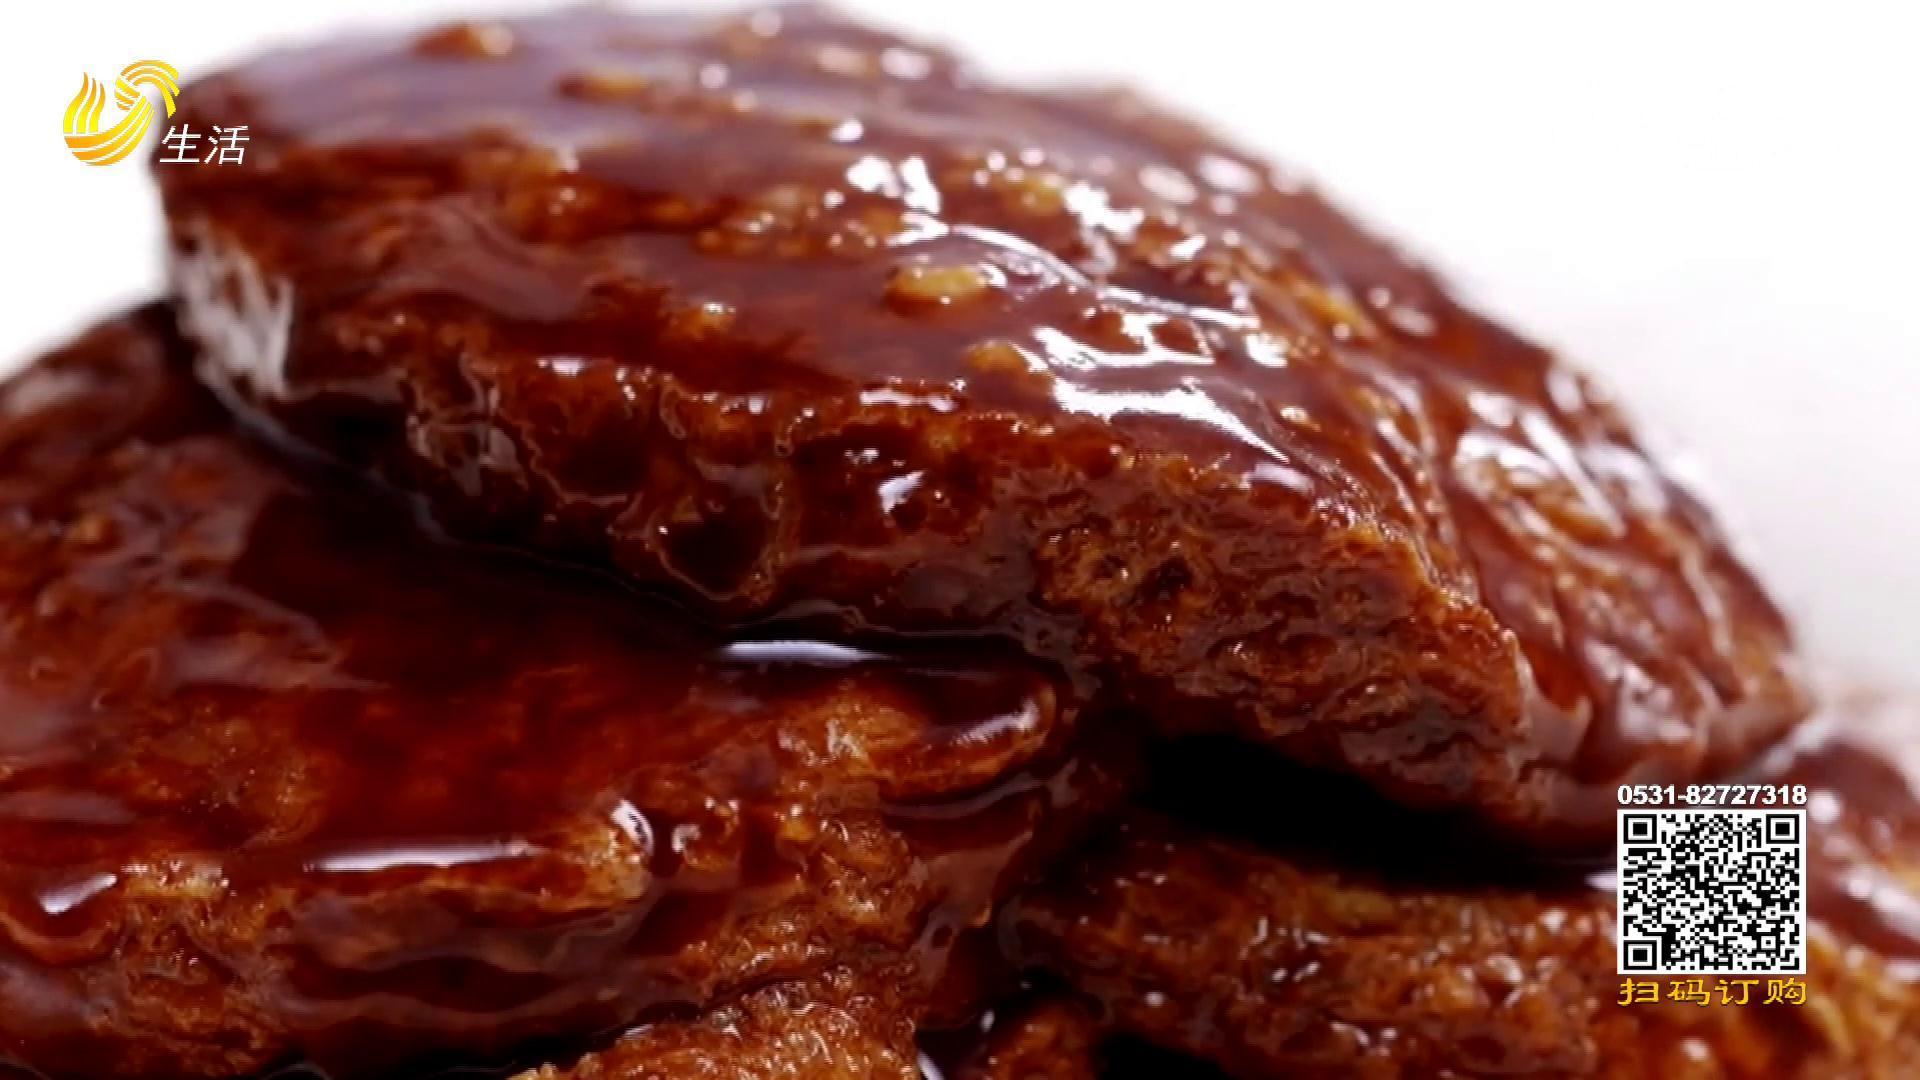 面筋-既美味又营养的素食首选